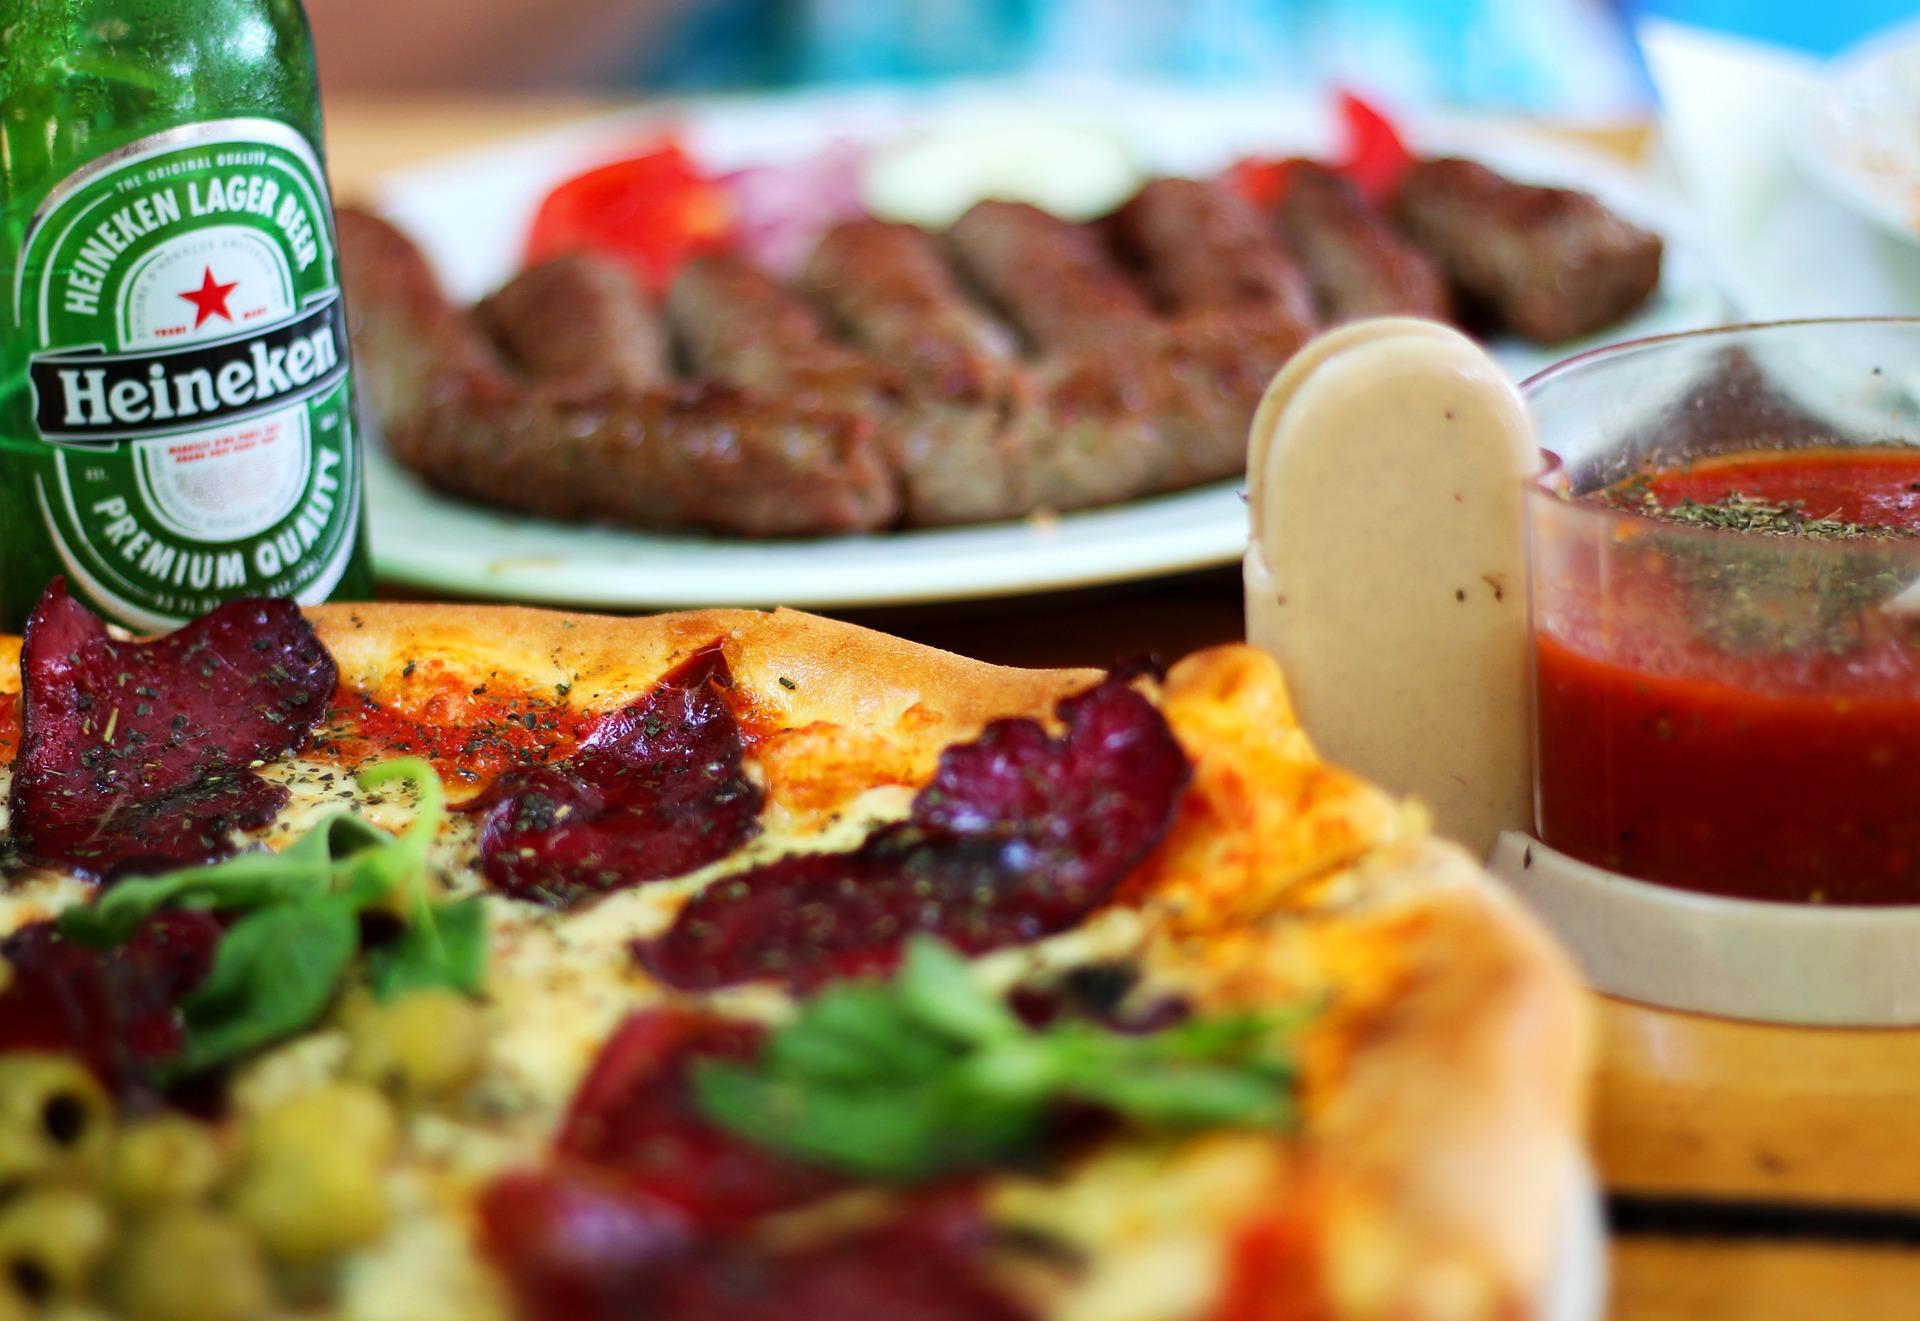 food-1279152_1920.jpg